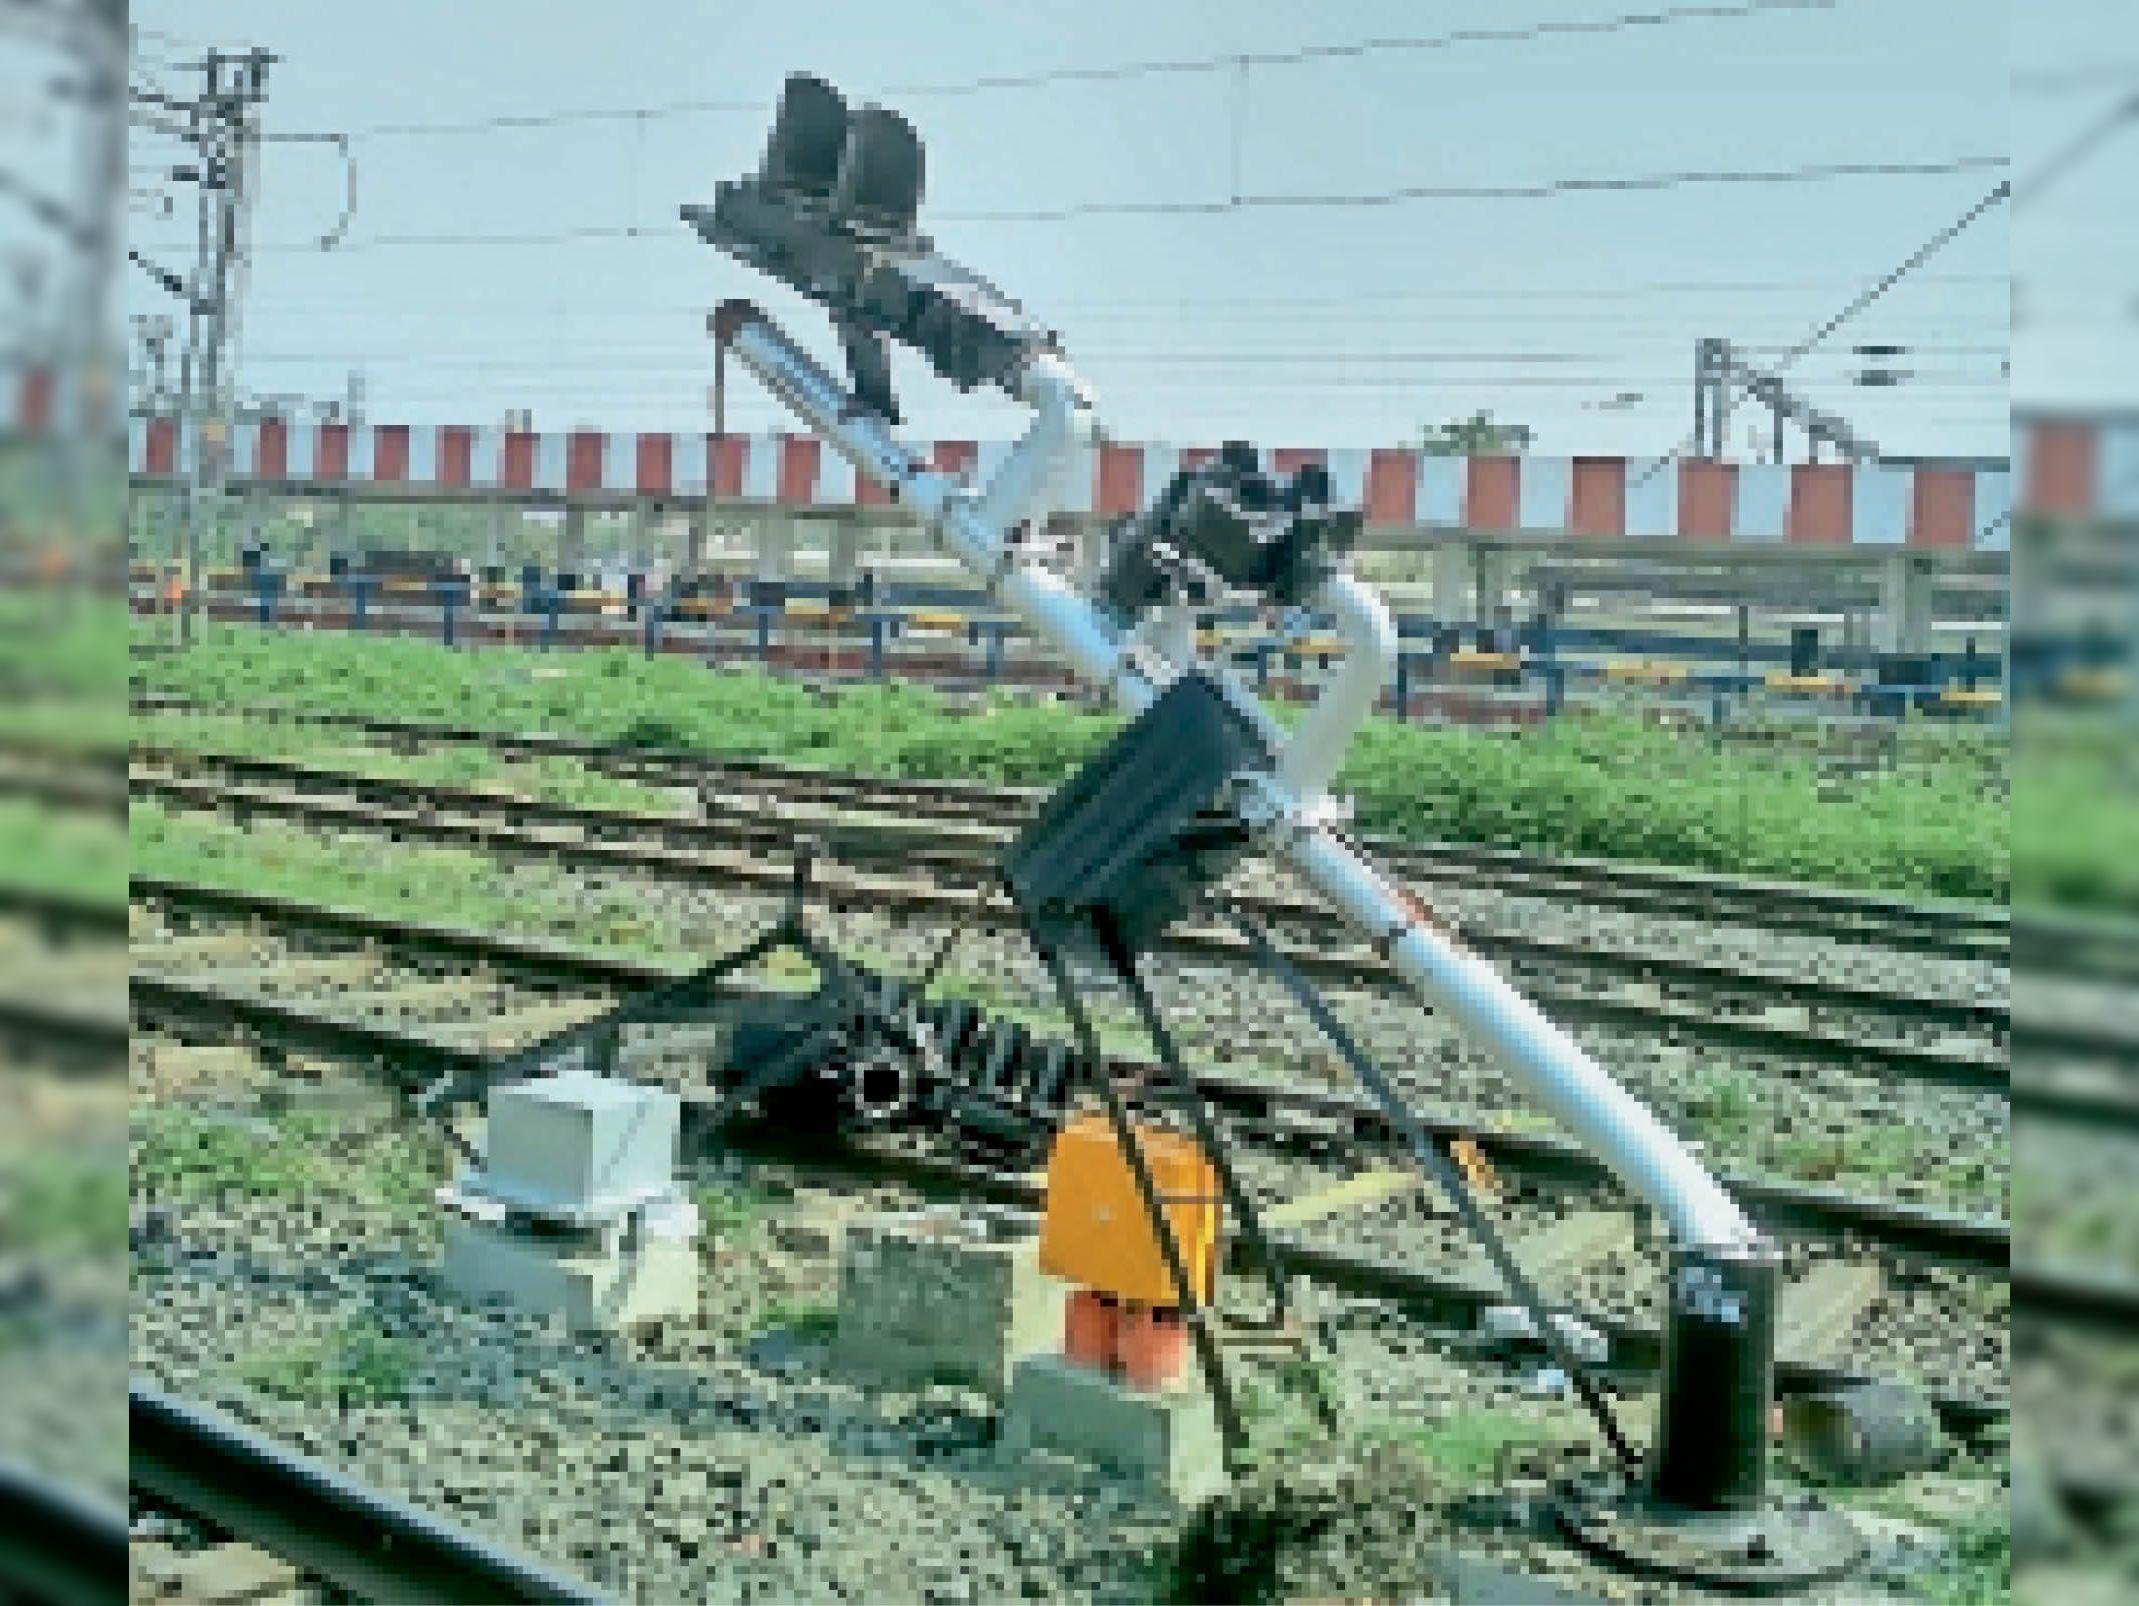 मालगाड़ी से टकराने के बाद क्षतिग्रस्त हुआ सिग्नल। - Dainik Bhaskar